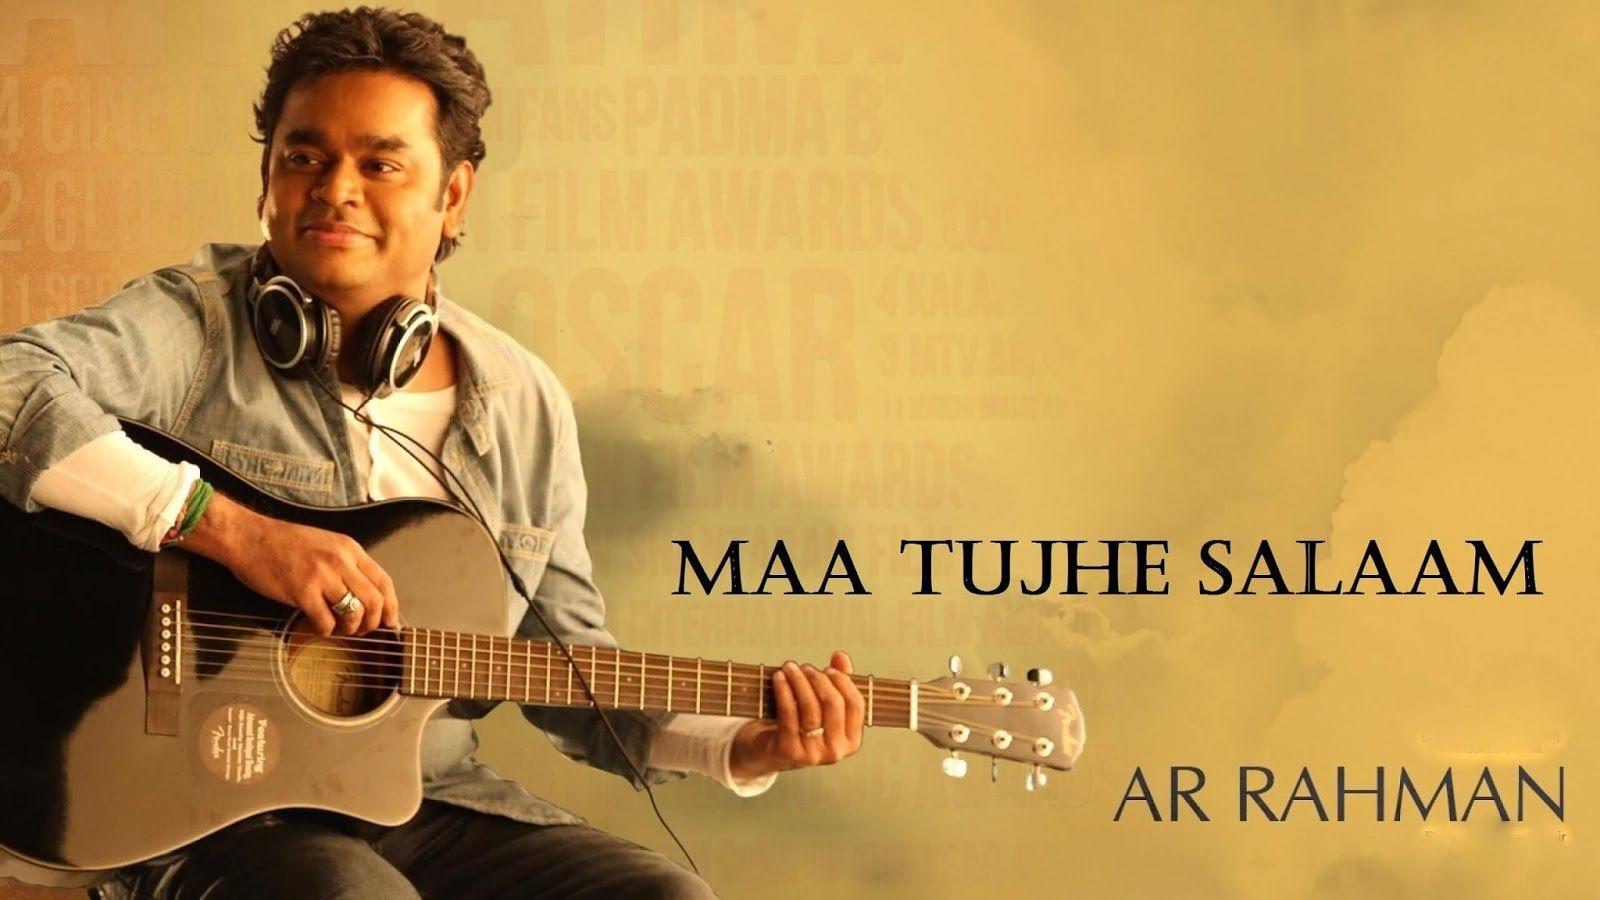 maa tujhe salaam mp3 song download